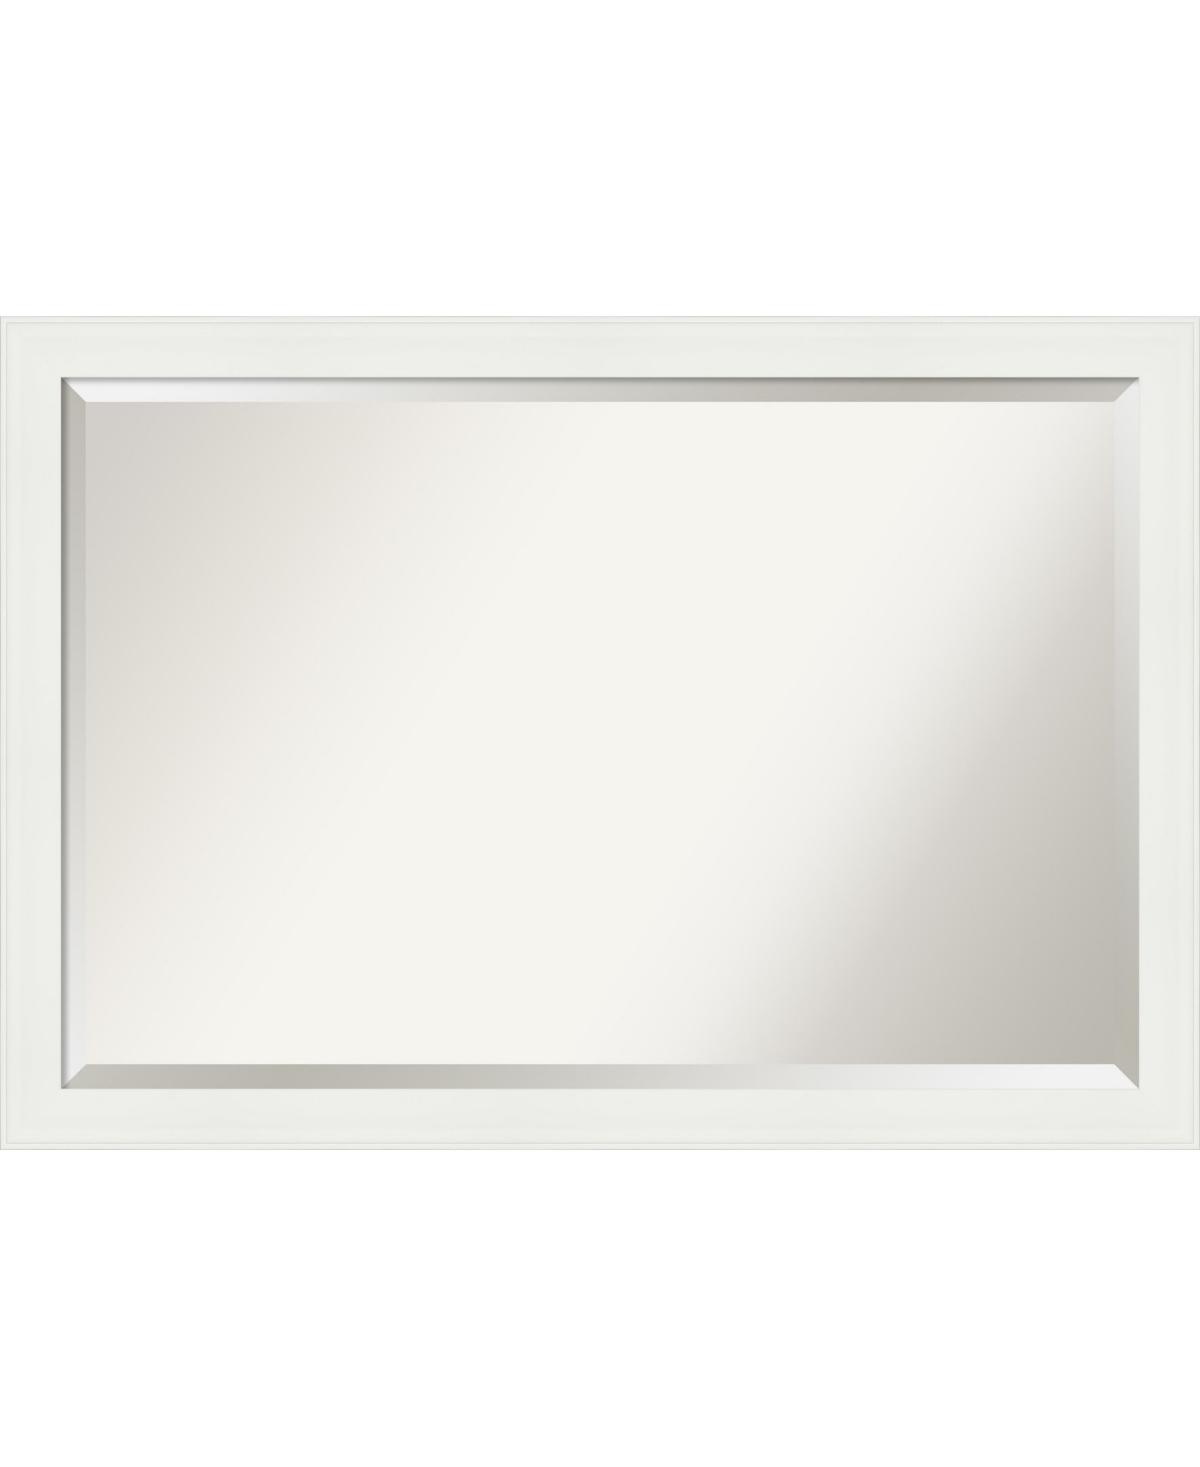 Amanti Art Vanity Framed Bathroom Vanity Wall Mirror, 39.38